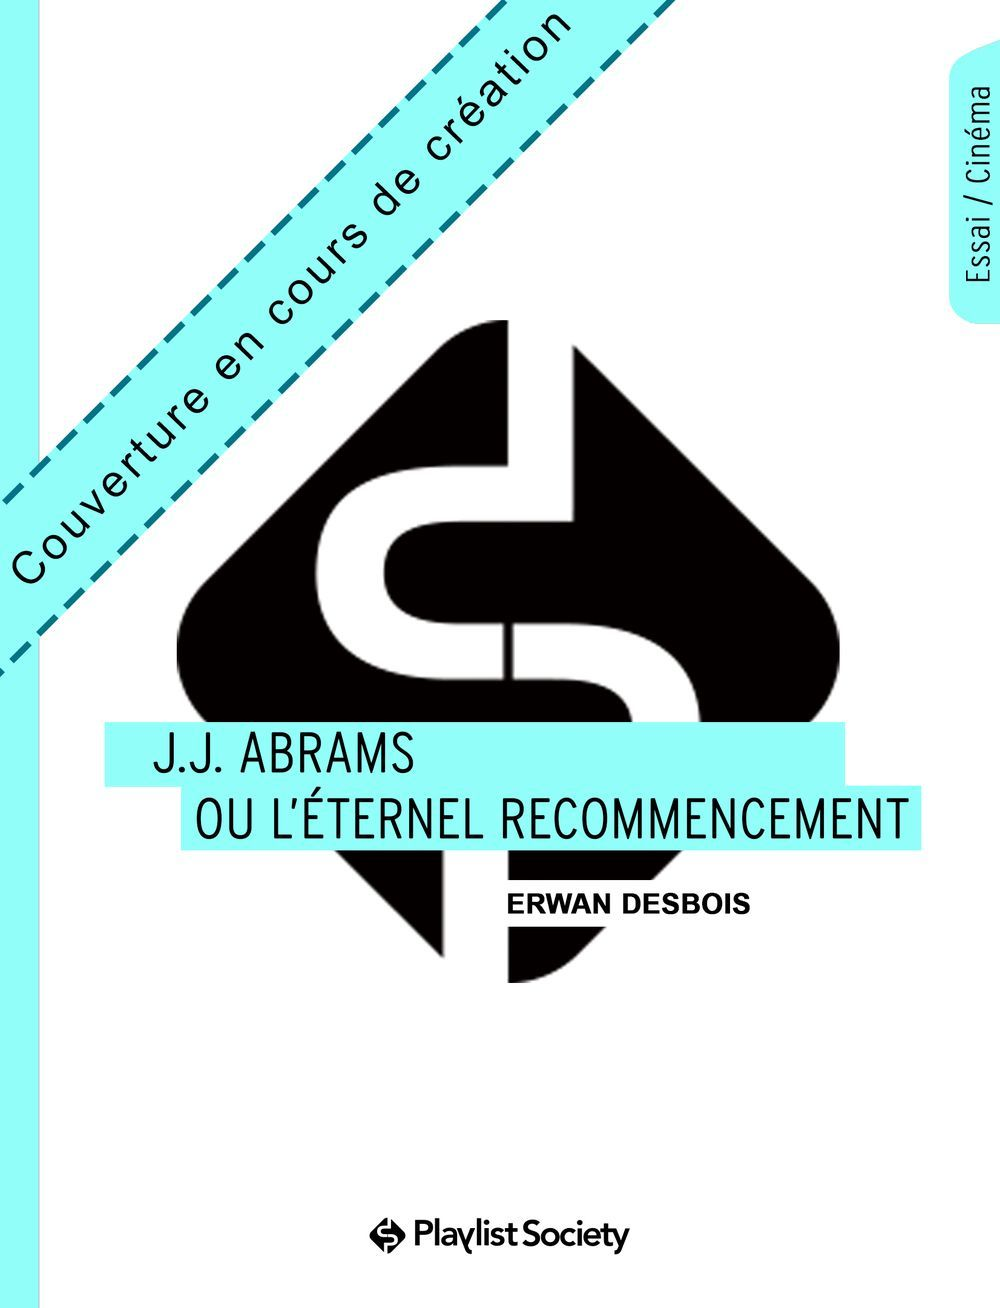 J.J. ABRAMS OU L?ETERNEL RECOMMENCEMENT